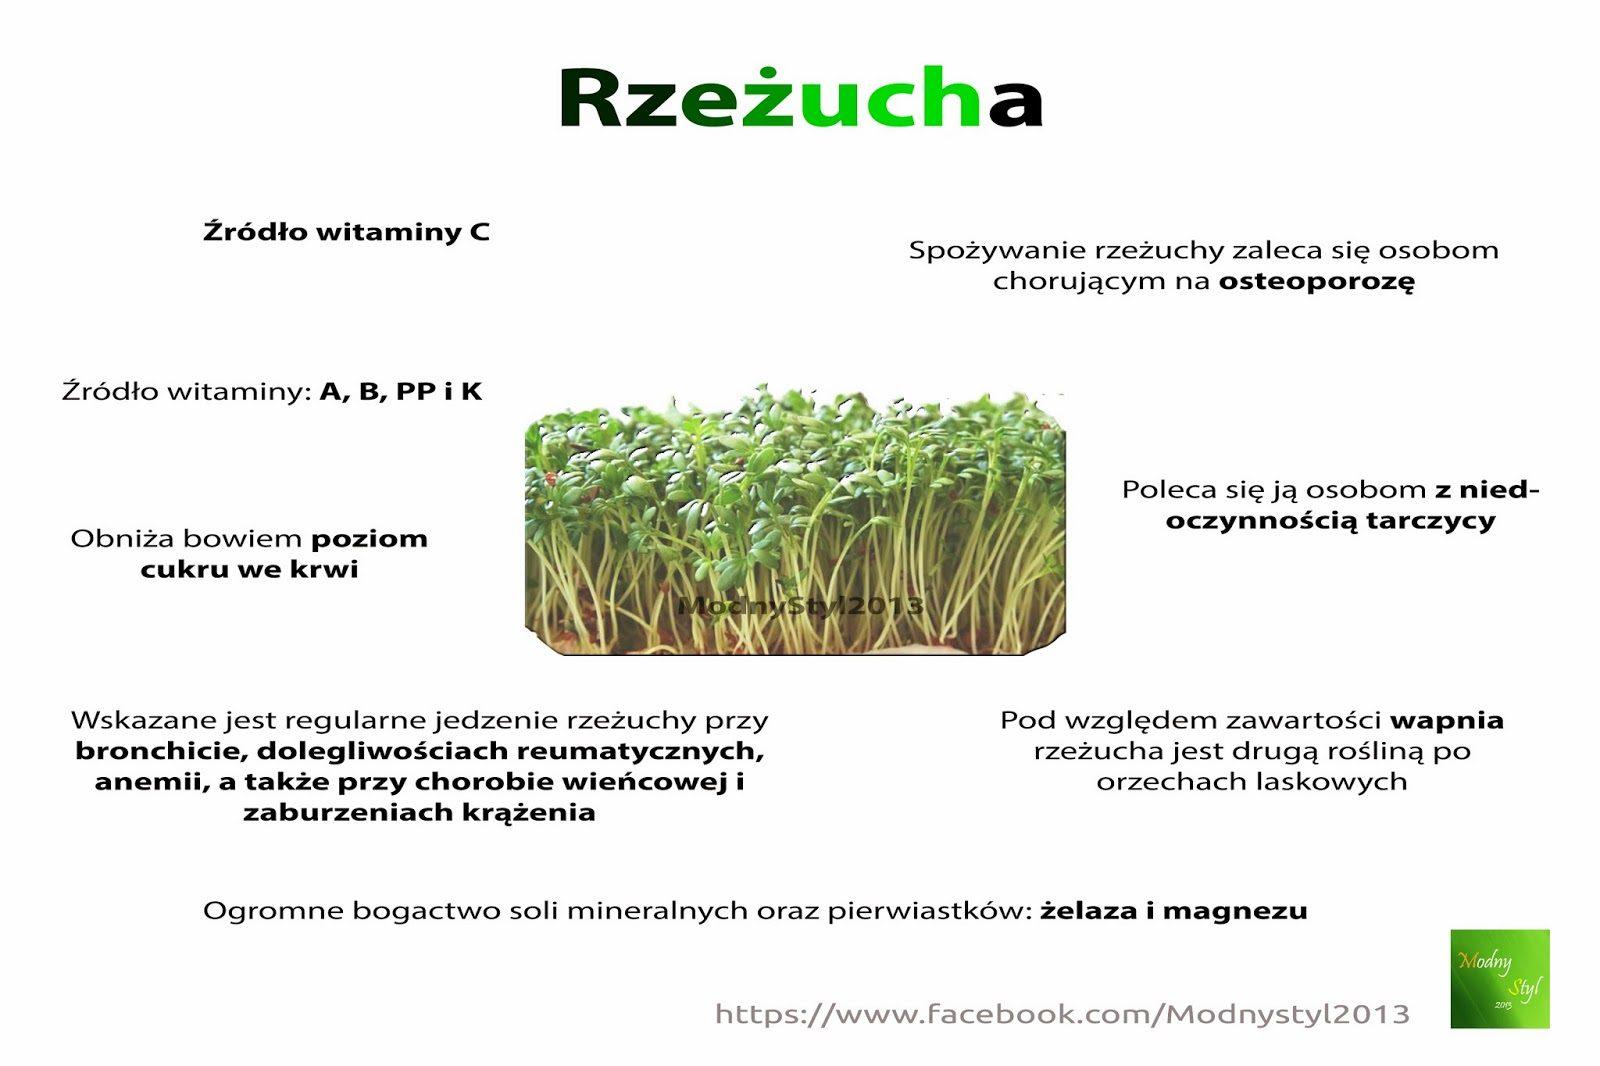 rzezucha-4316970